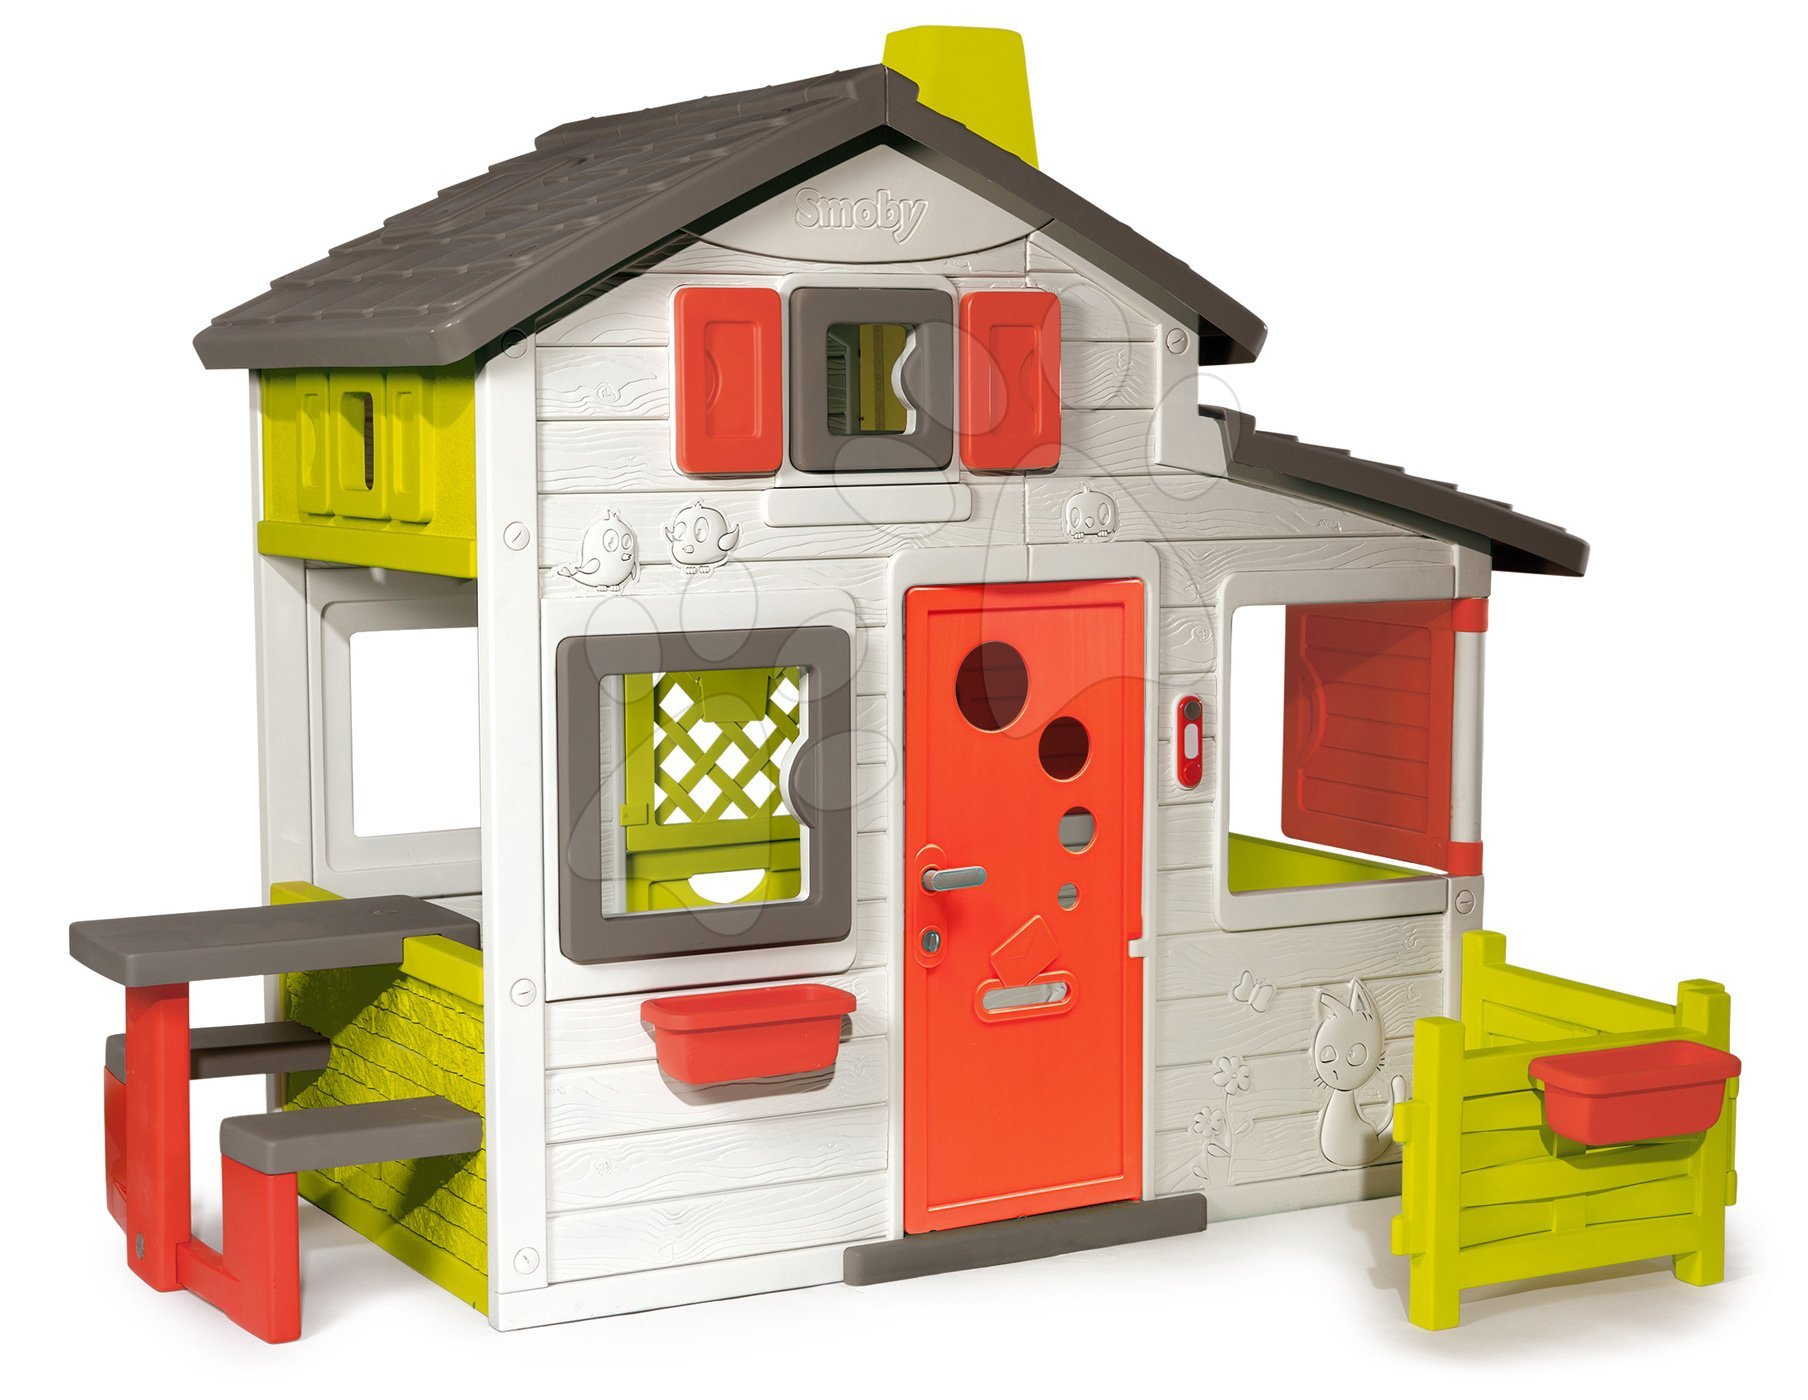 Házikó Jóbarátok Friends House Smoby előkerttel és teljes bejárati ajtóval